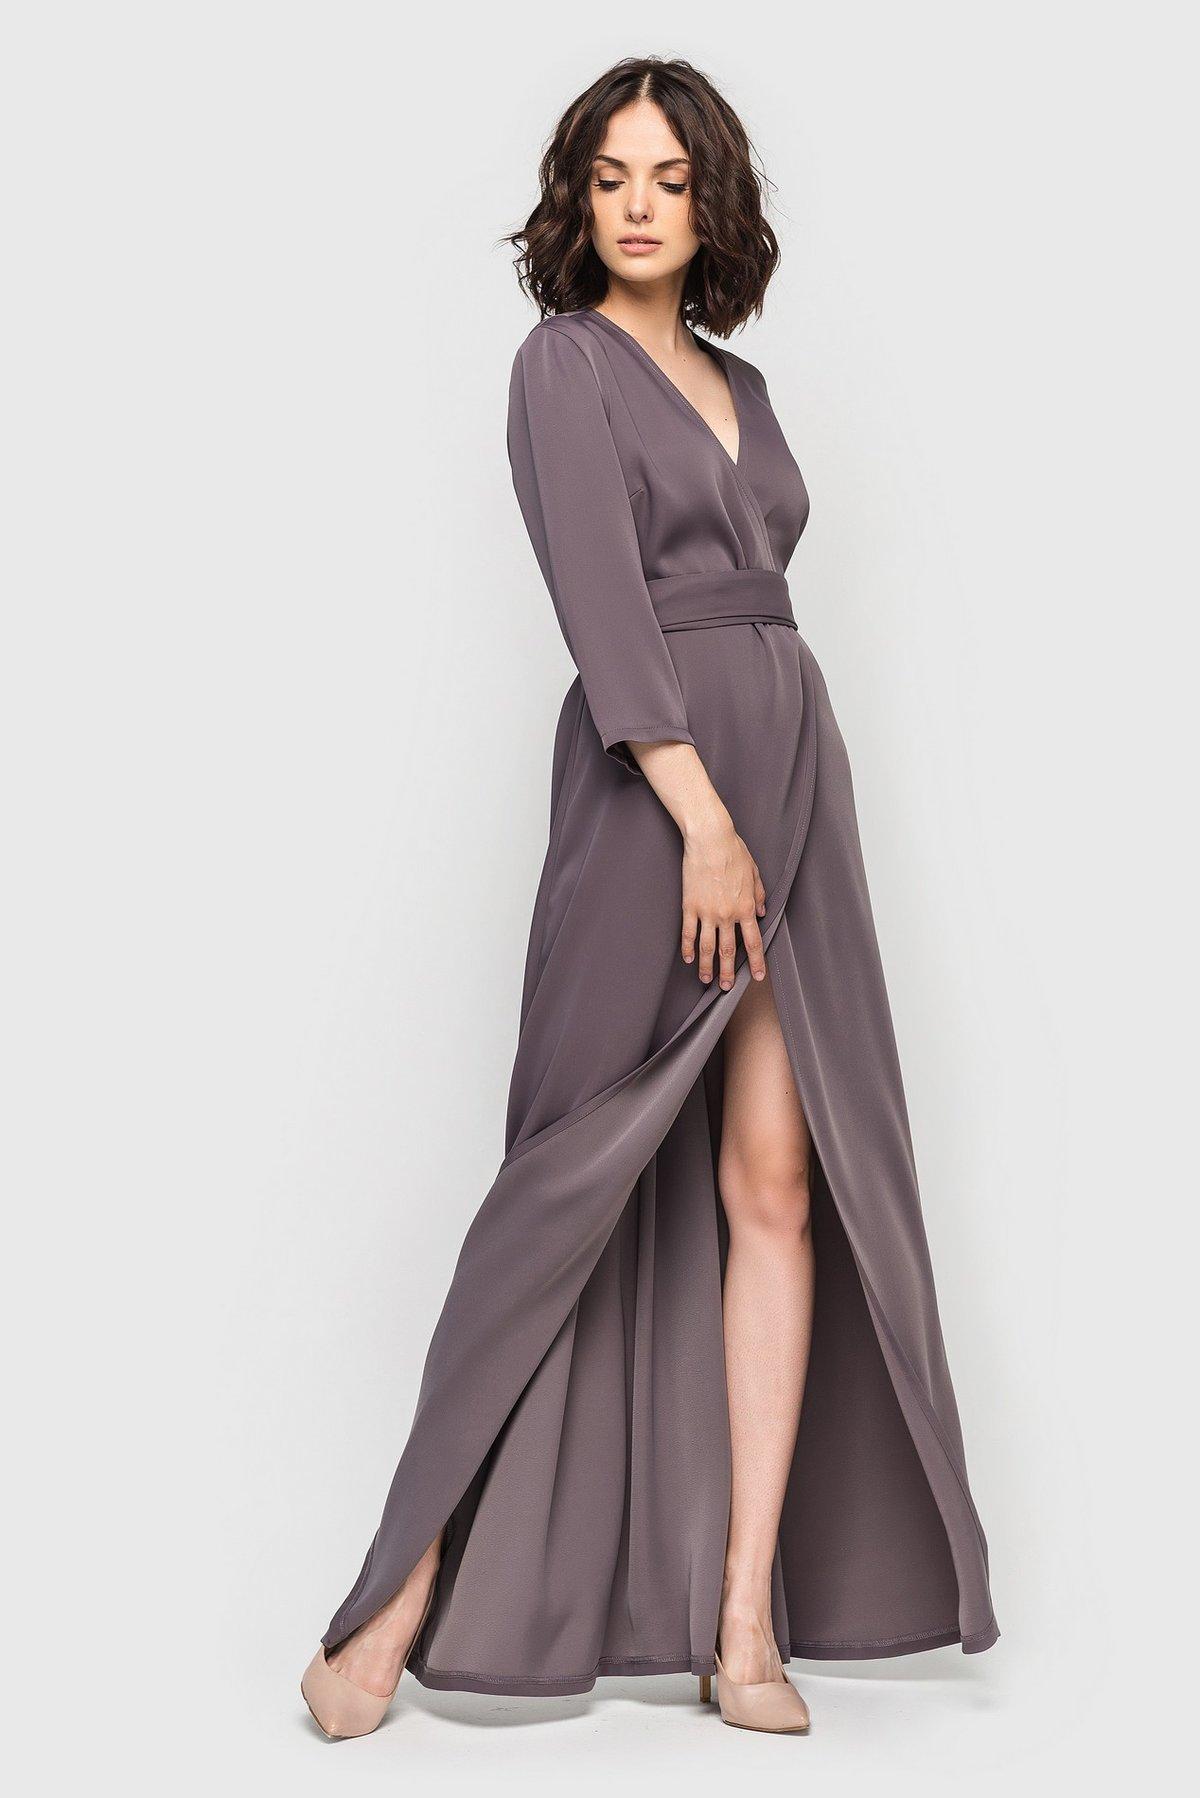 длинное платье с запахом фото